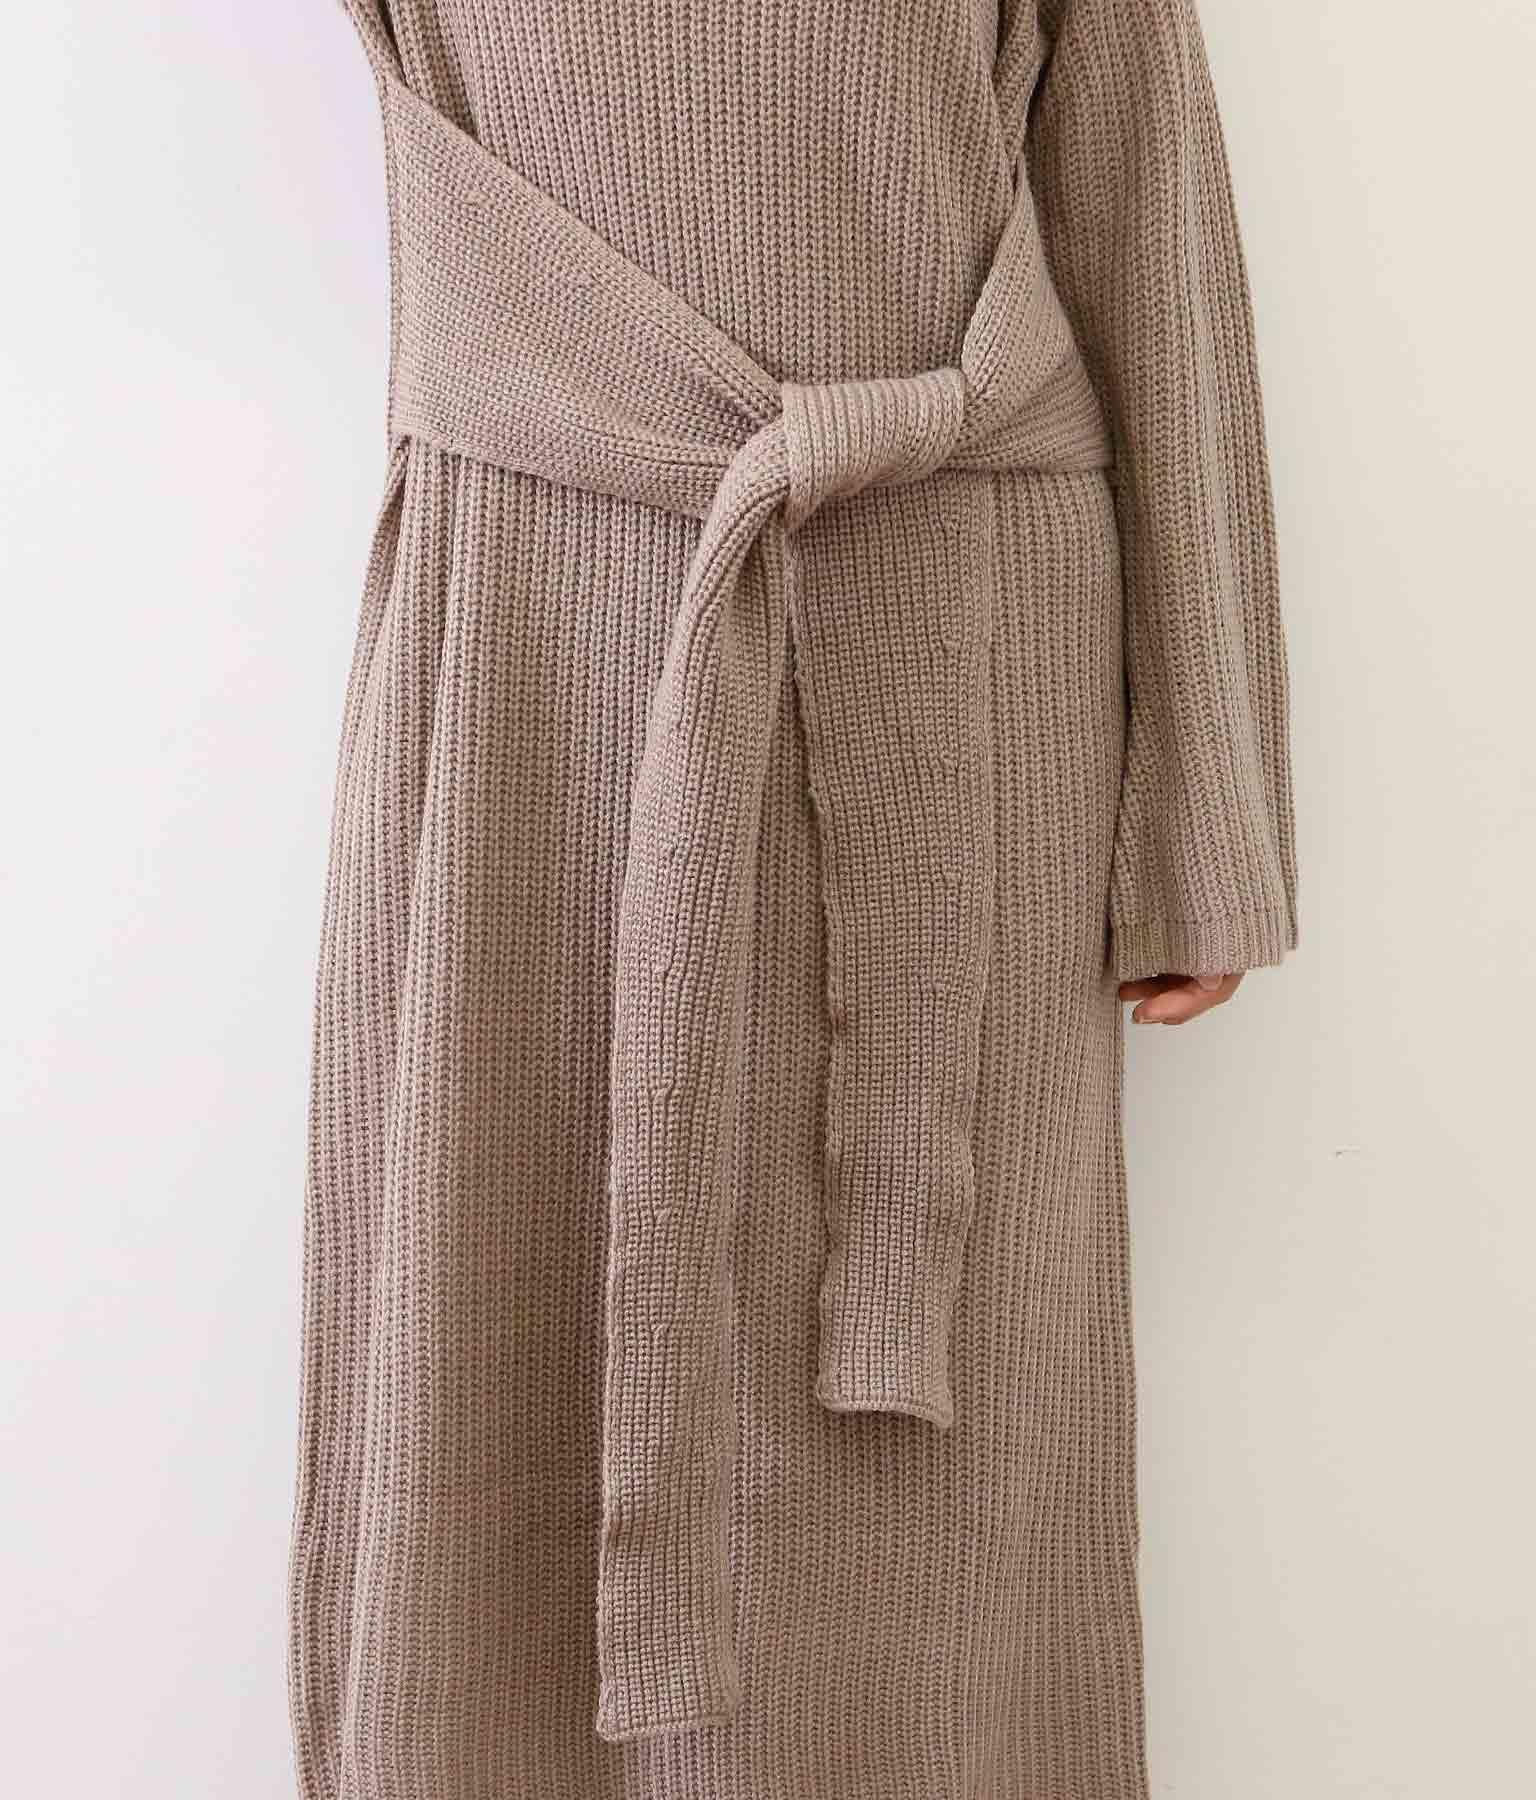 2WAYウエストリボンニットワンピース(ワンピース・ドレス/ミディアムワンピ) | CHILLE